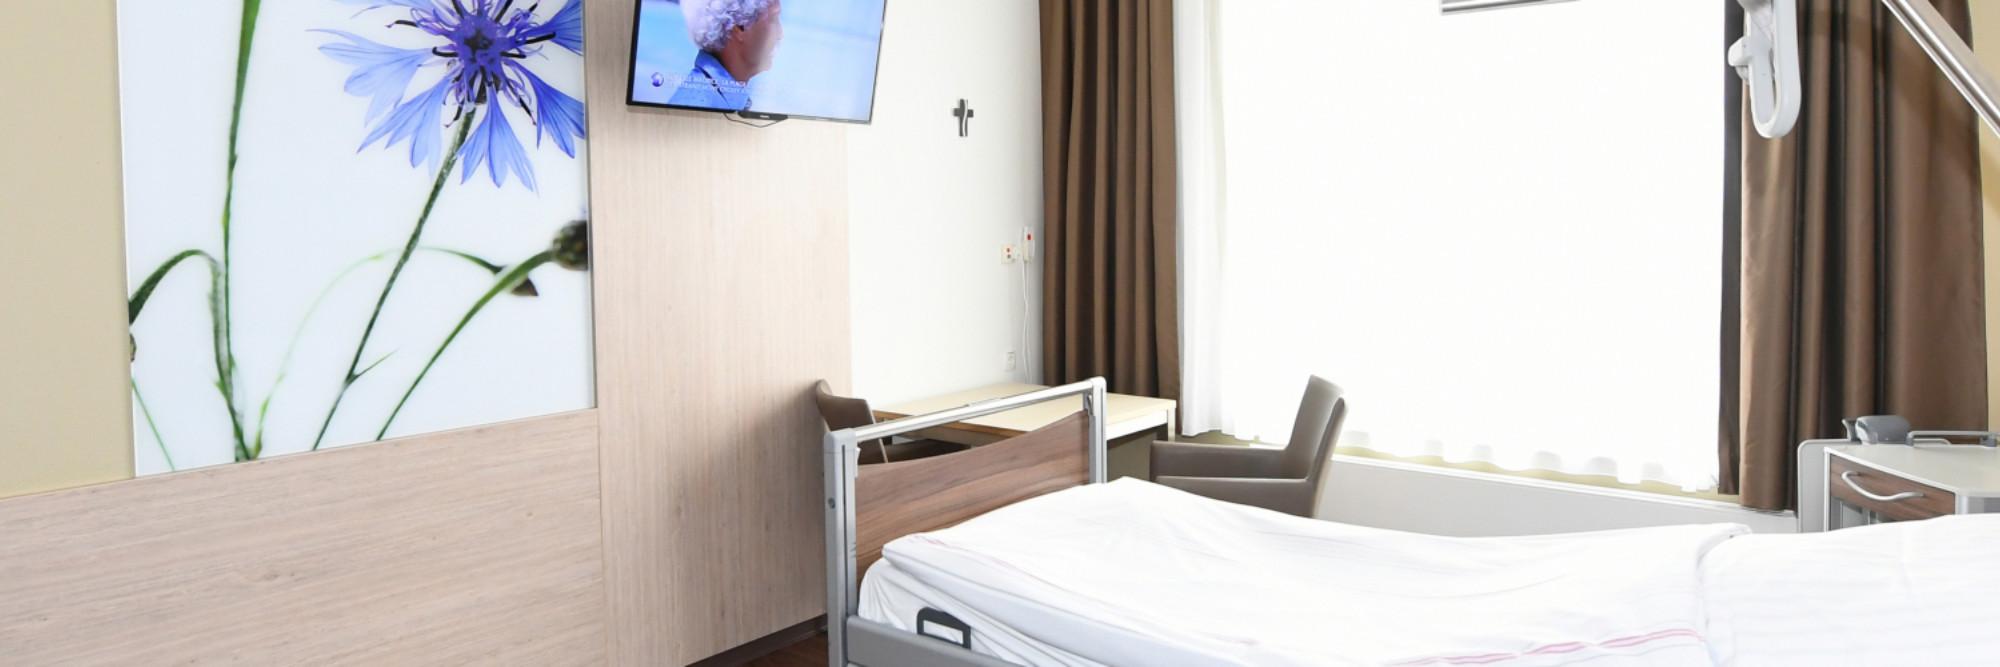 Patientenzimmer im neuen Bettenhaus des St.-Antonius-Hospitals Kleve - sehr hell, freundlich und modern gestaltet.